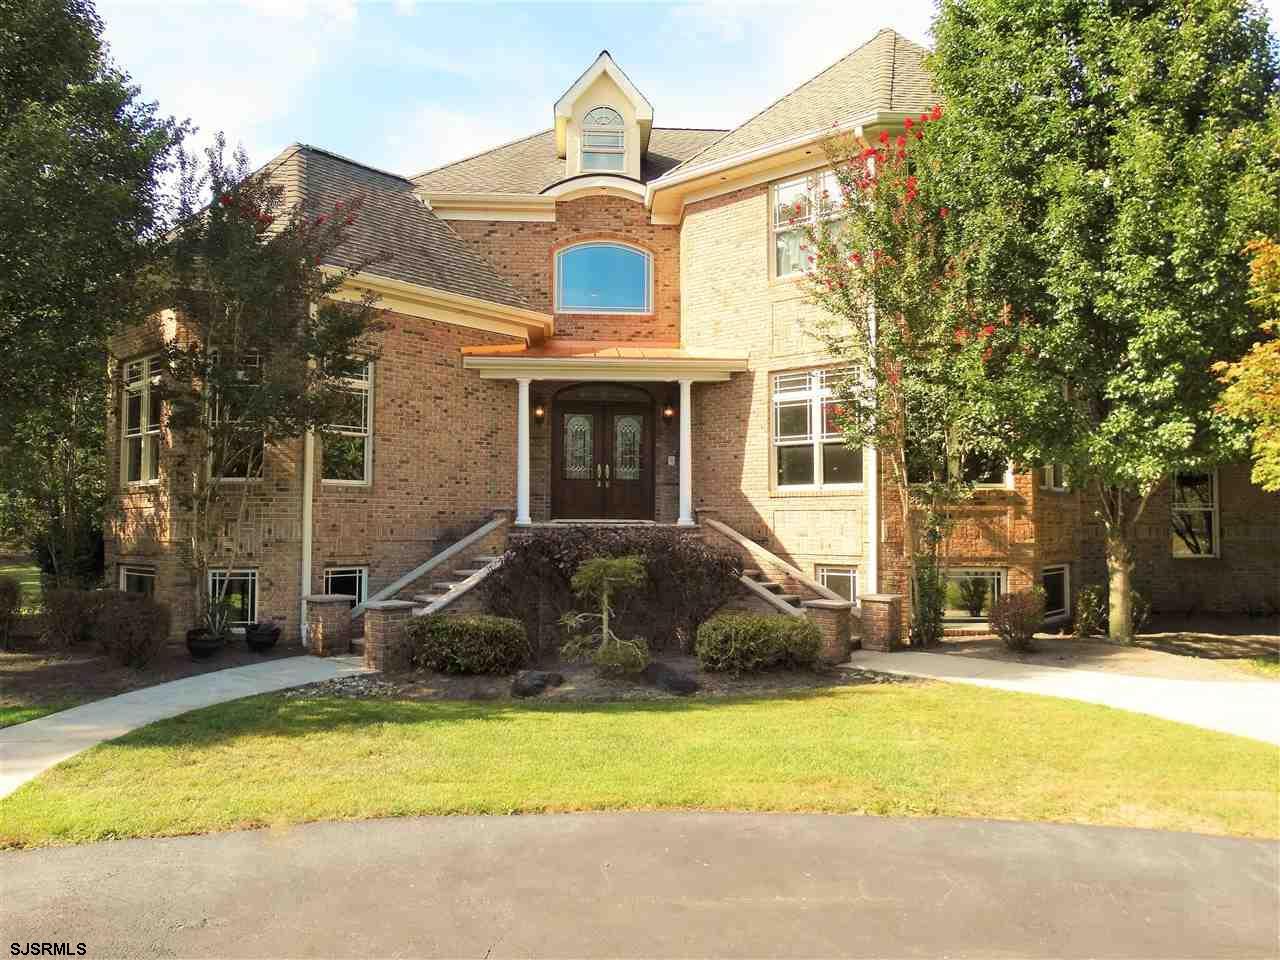 113 Huntington Dr, Winslow Township, NJ 08037